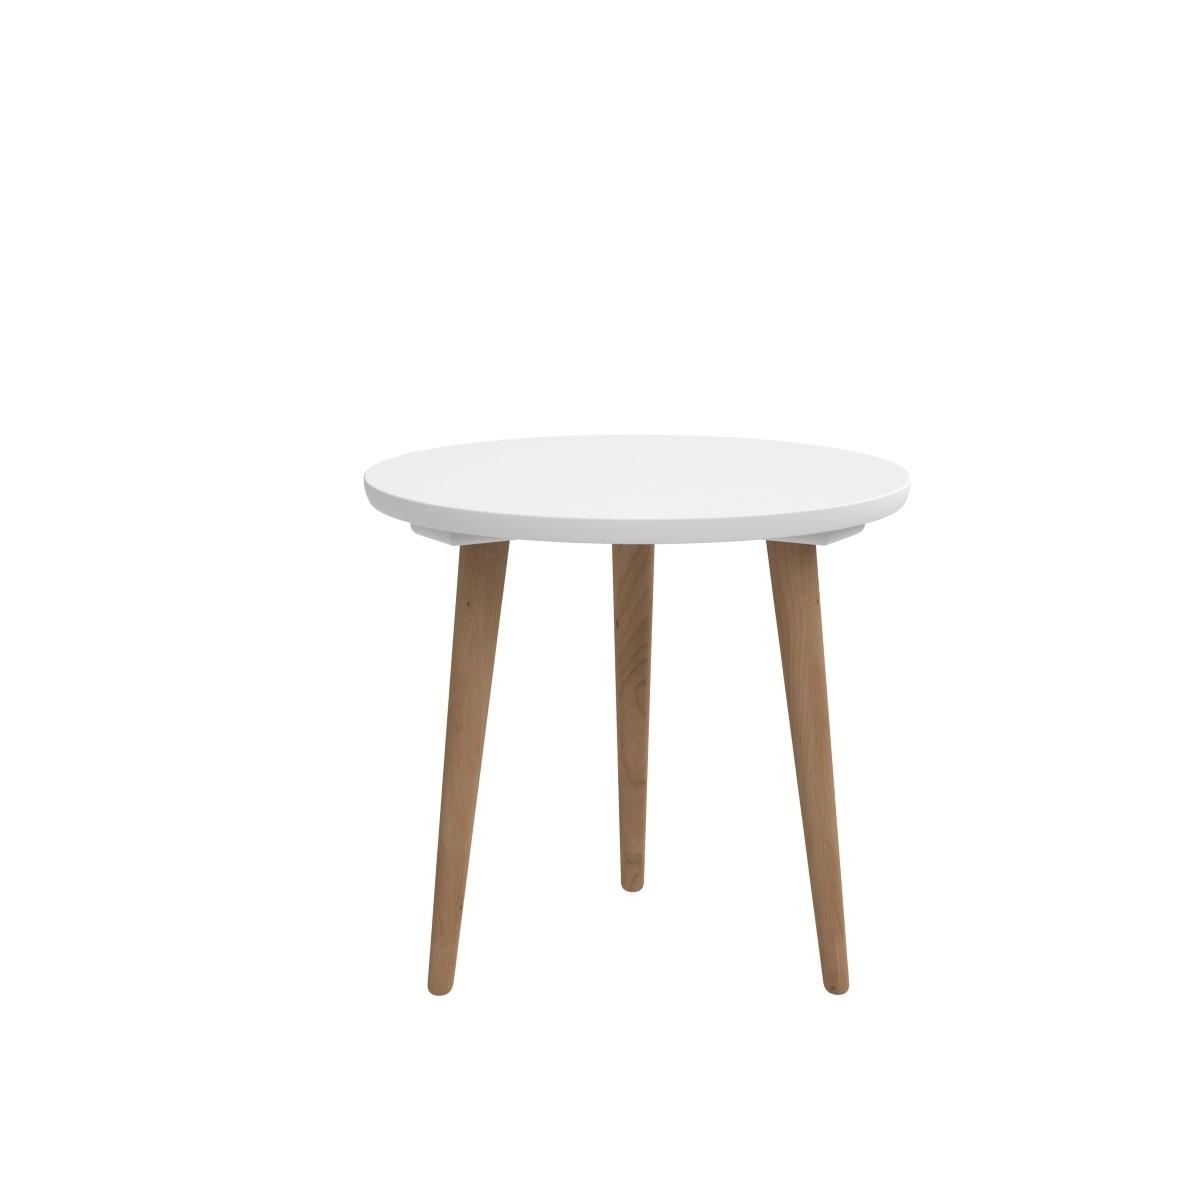 Odkládací stolek Bergan střední s bílou deskou